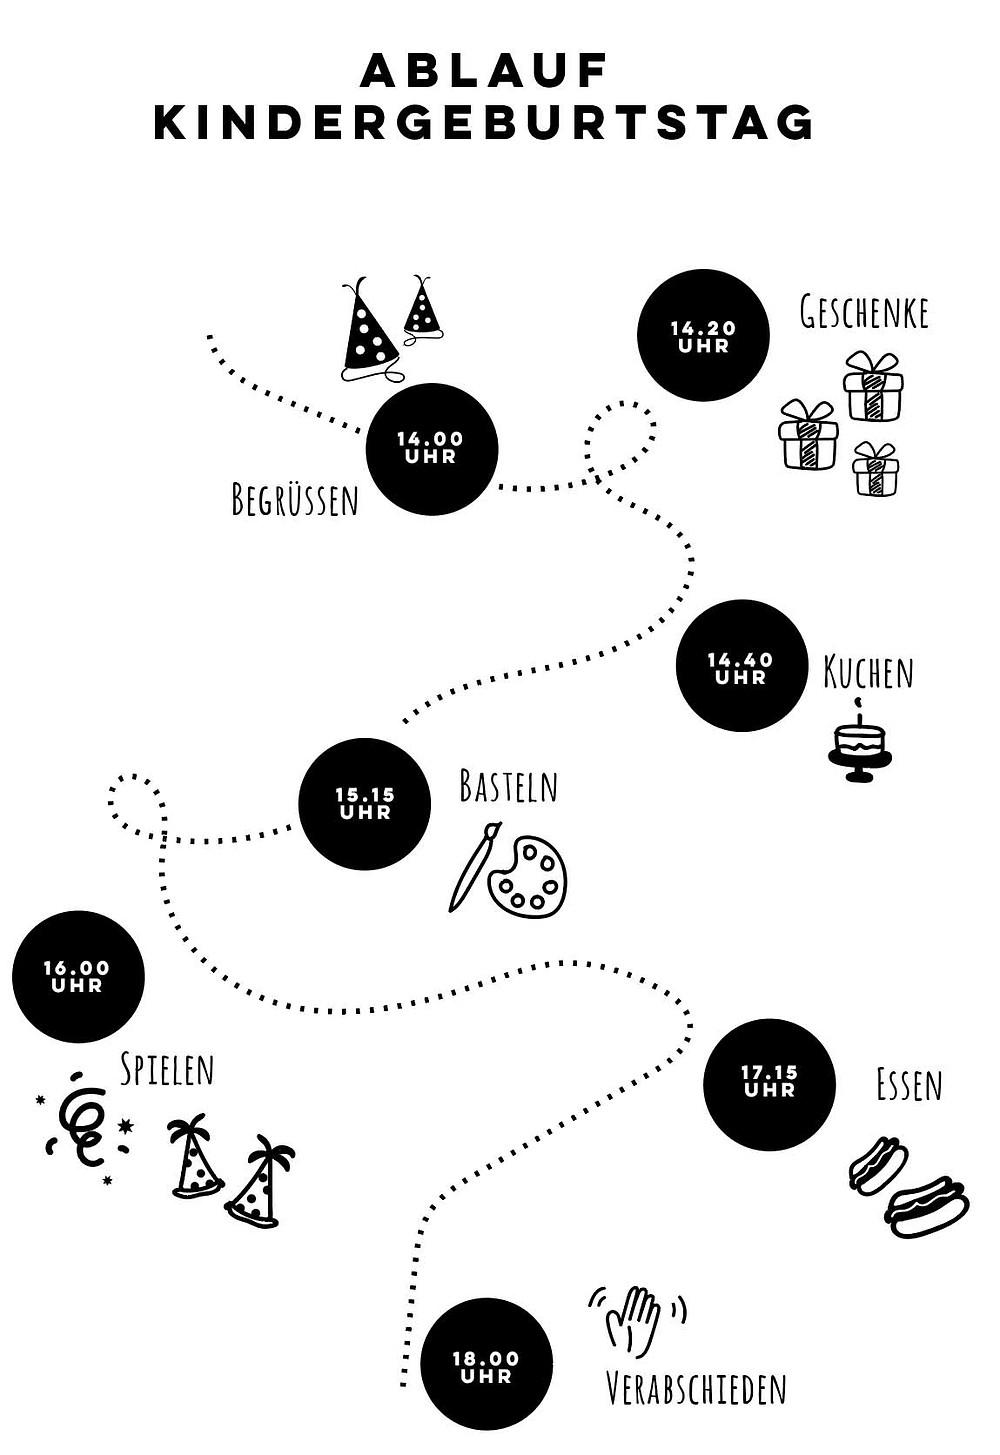 Ideen Kindergeburtstag, Tipps, 3,5 Tipps, Kindergeburtstagsfeier, Geburtstagsdeko, Partydeko, Ablauf